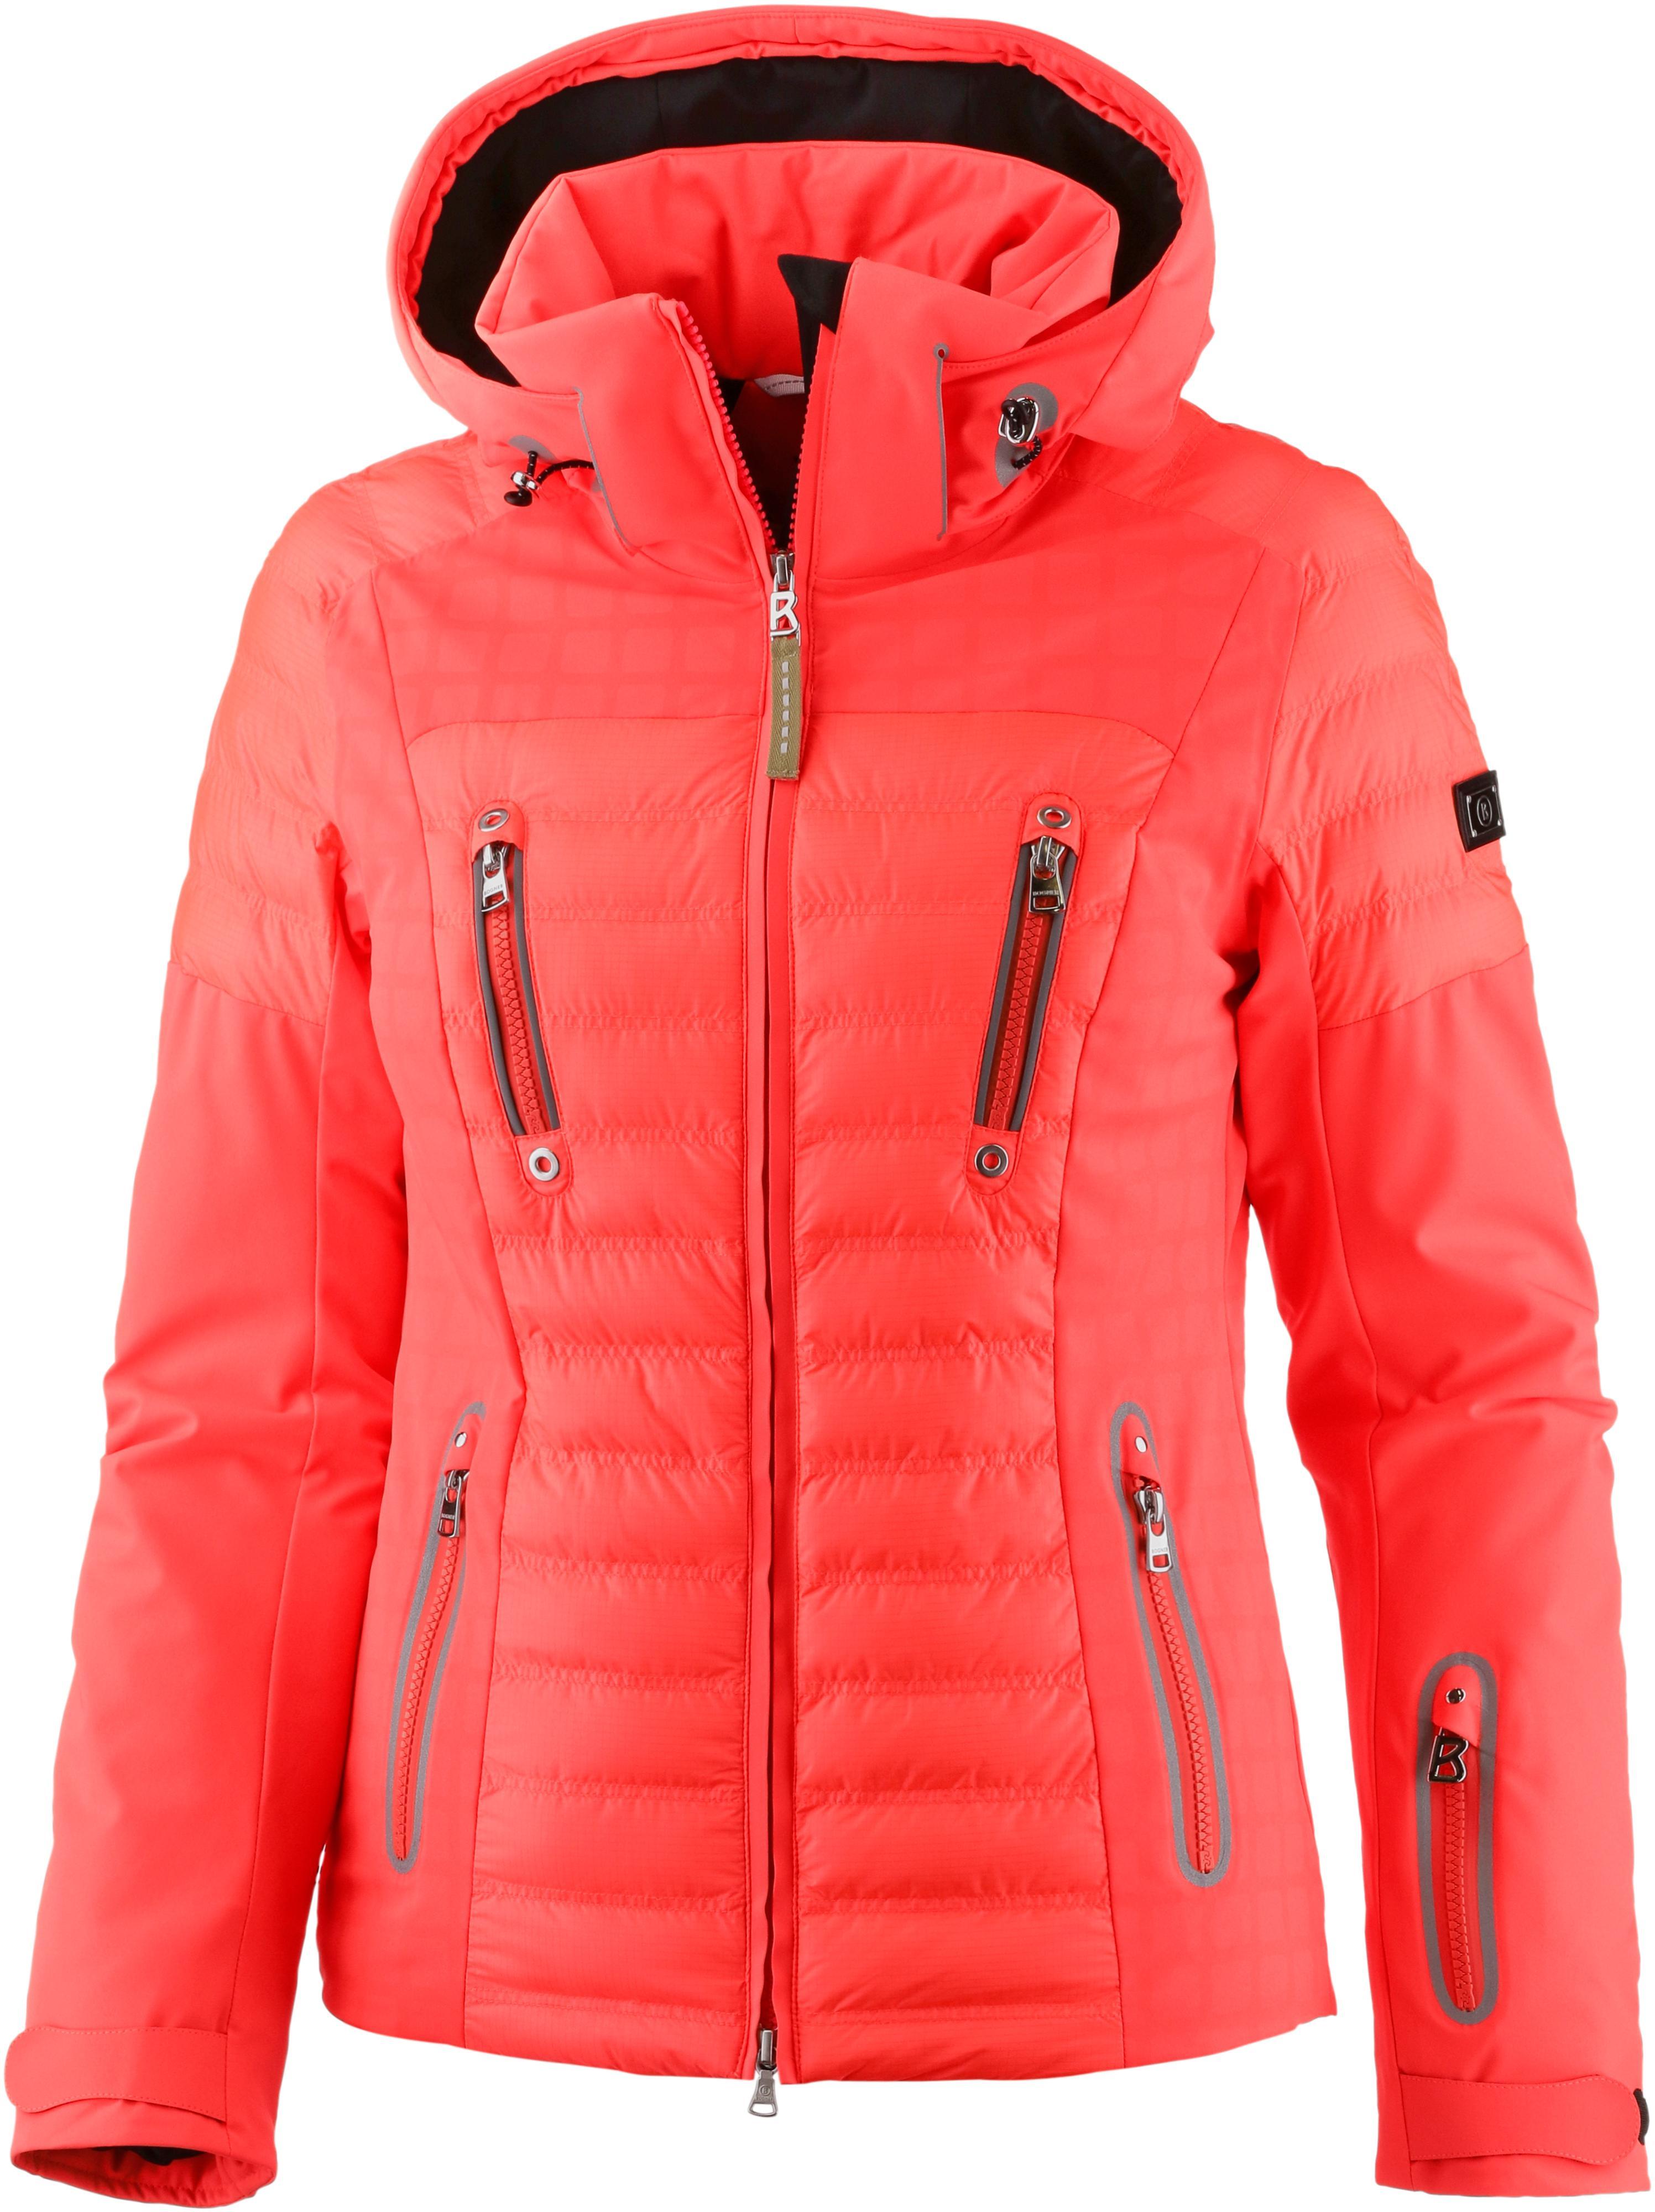 bogner paula skijacke damen neon watermelon im online shop von rh sportscheck at